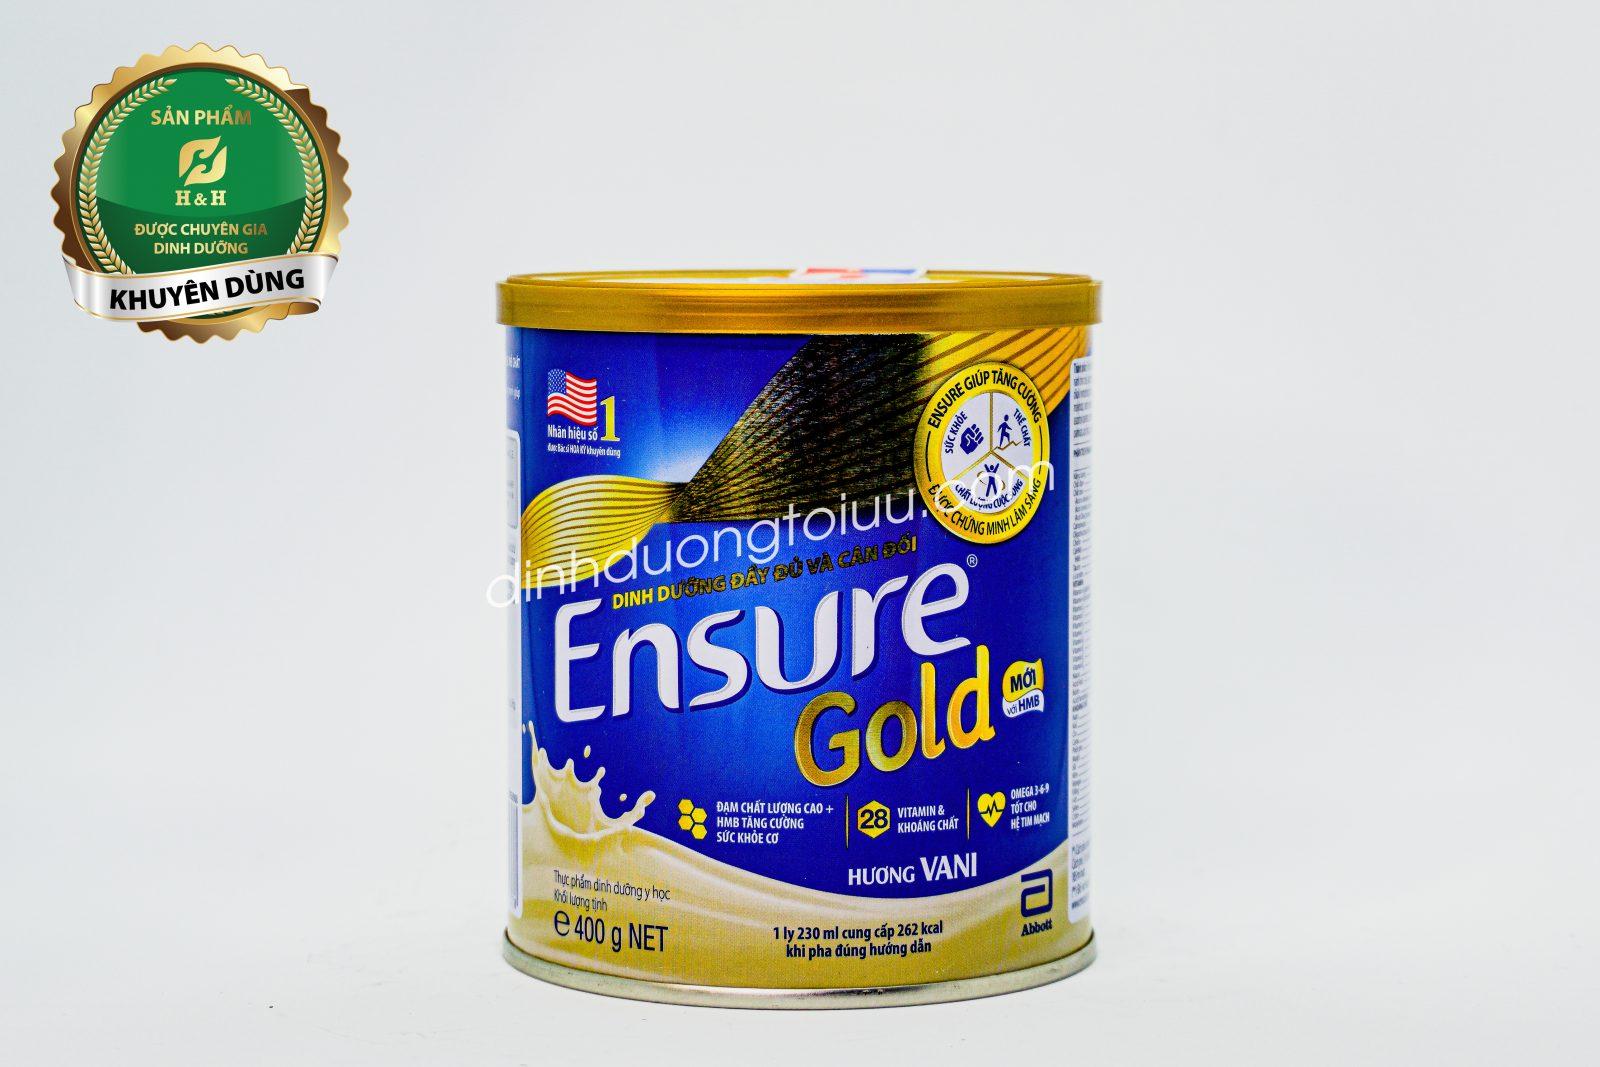 Sữa Ensure Gold Abbott Hoa Kỳ - Dinh dưỡng đầy đủ và cân đối cho người cao tuổi